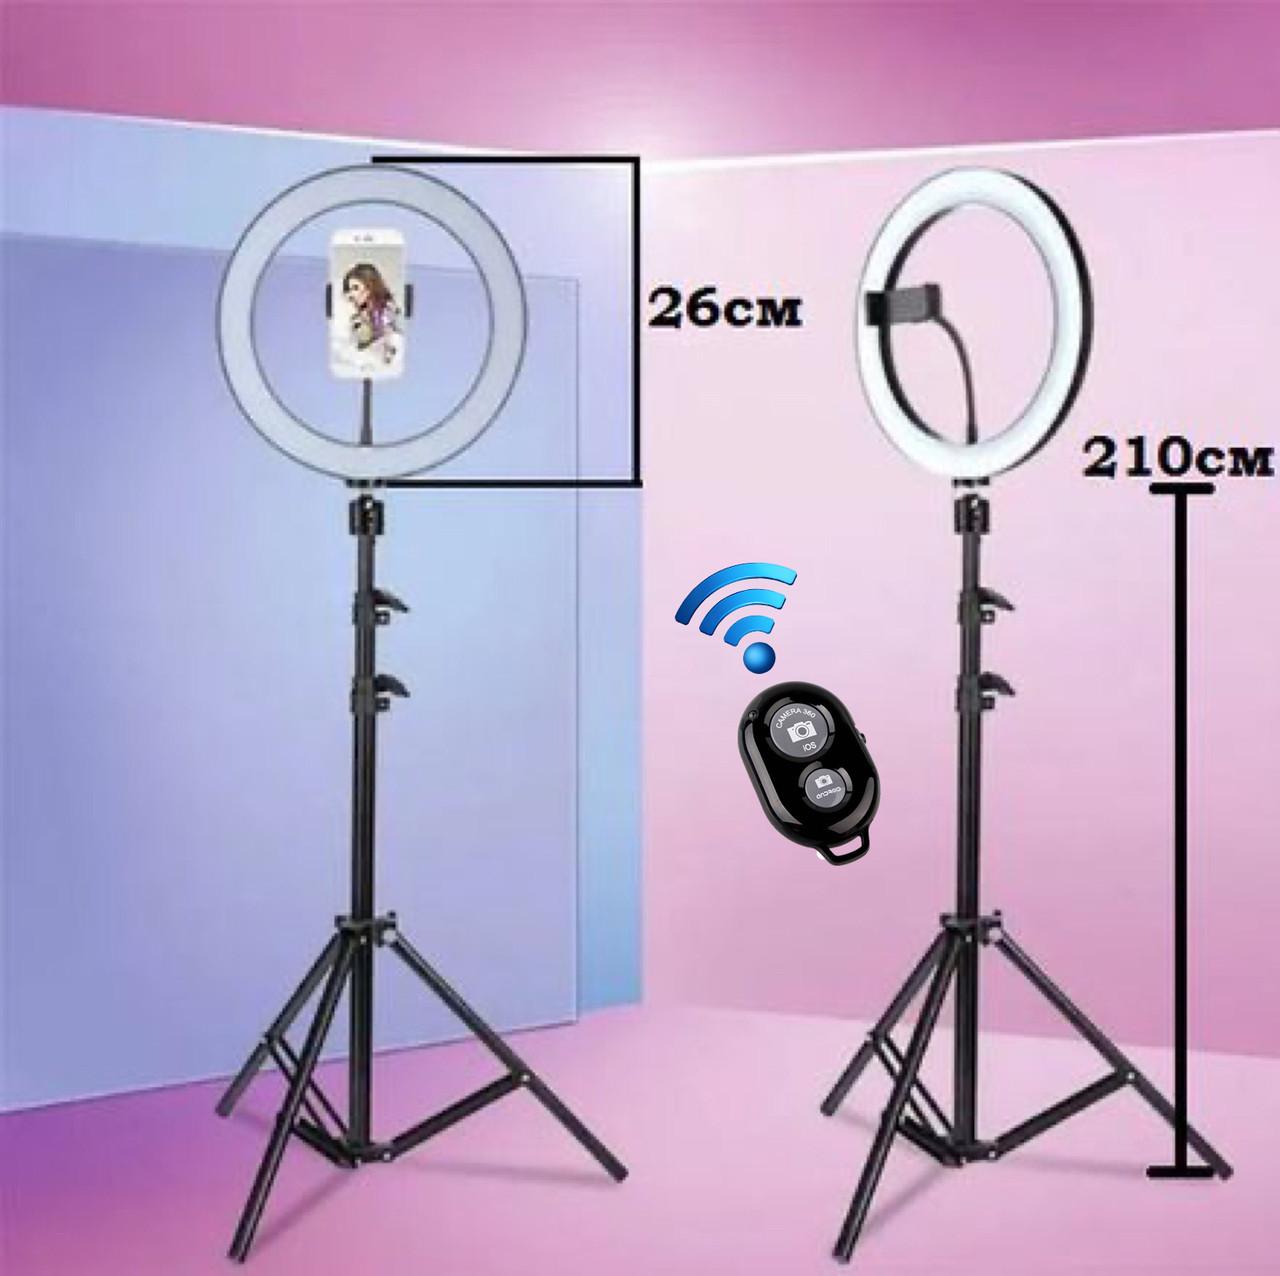 Штатив 210 см и кольцевая светодиодная LED лампа 26 см фото освещение